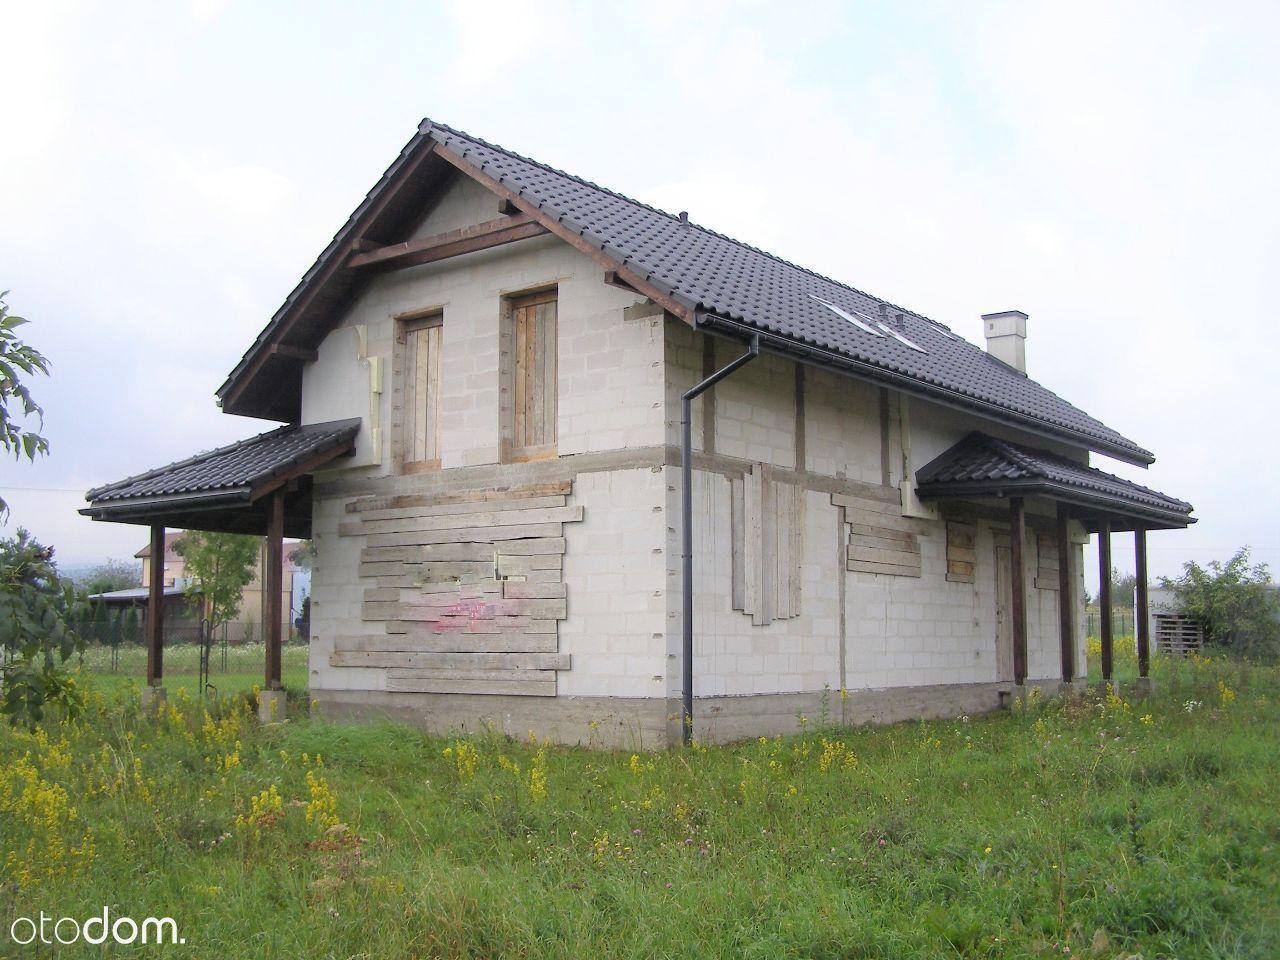 Dom na sprzedaż, Cieklin, jasielski, podkarpackie - Foto 1